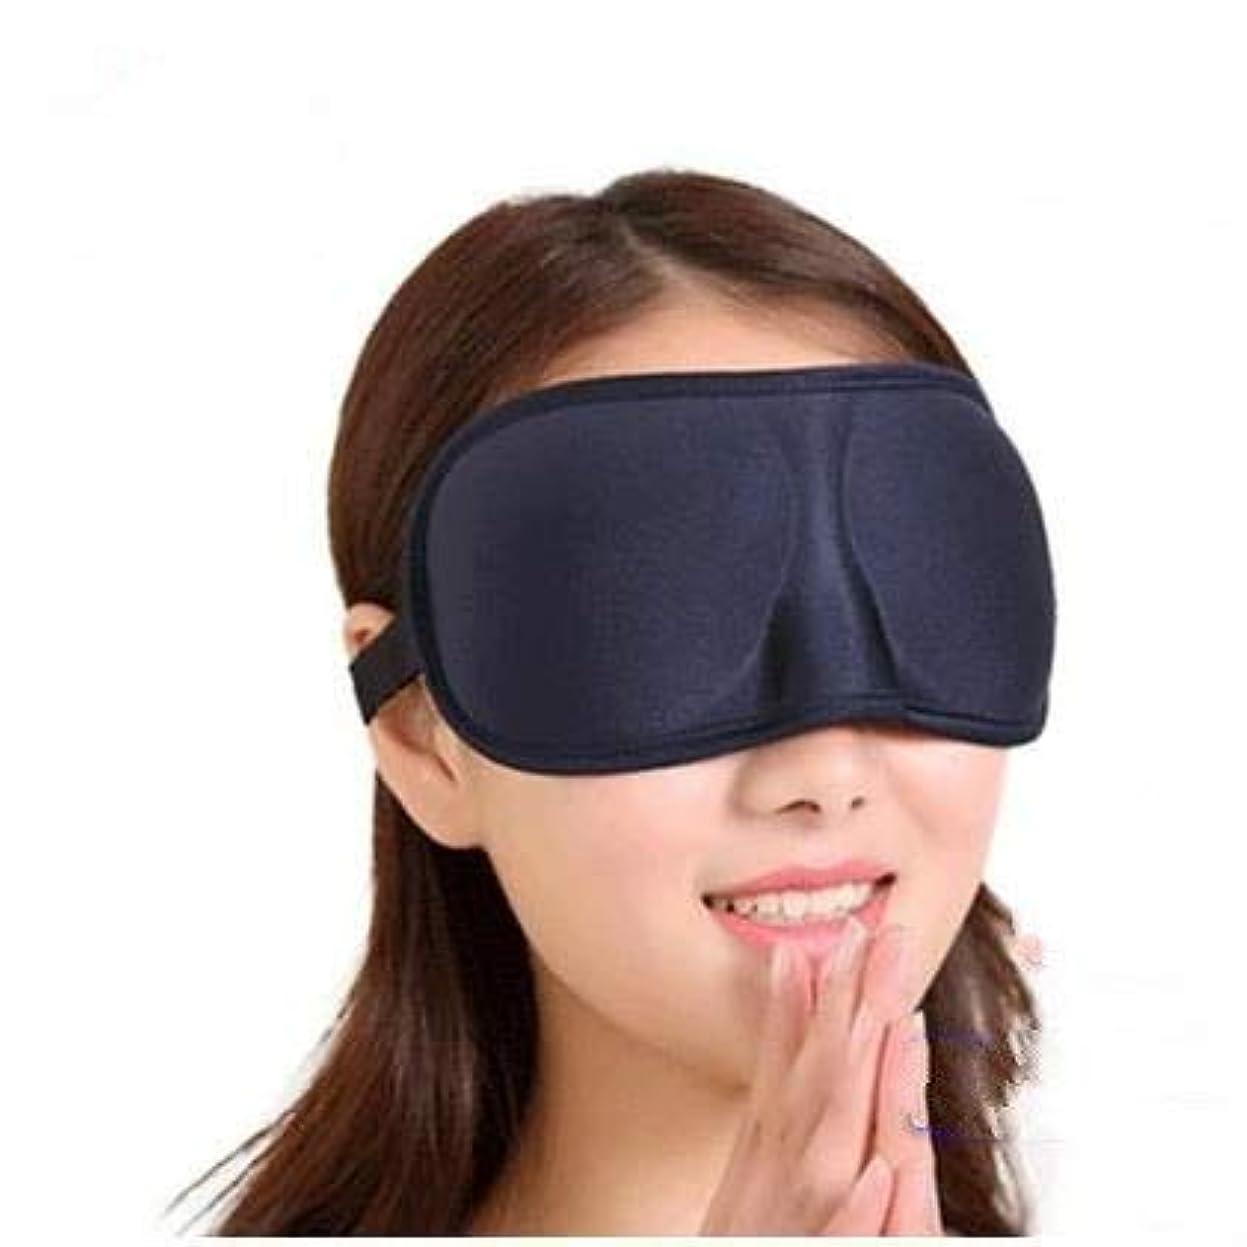 虎謙虚な行商人3 D超柔らかい通気性の布アイシェード睡眠アイマスク携帯用旅行睡眠休息補助アイマスクカバーアイパッチ睡眠マスク